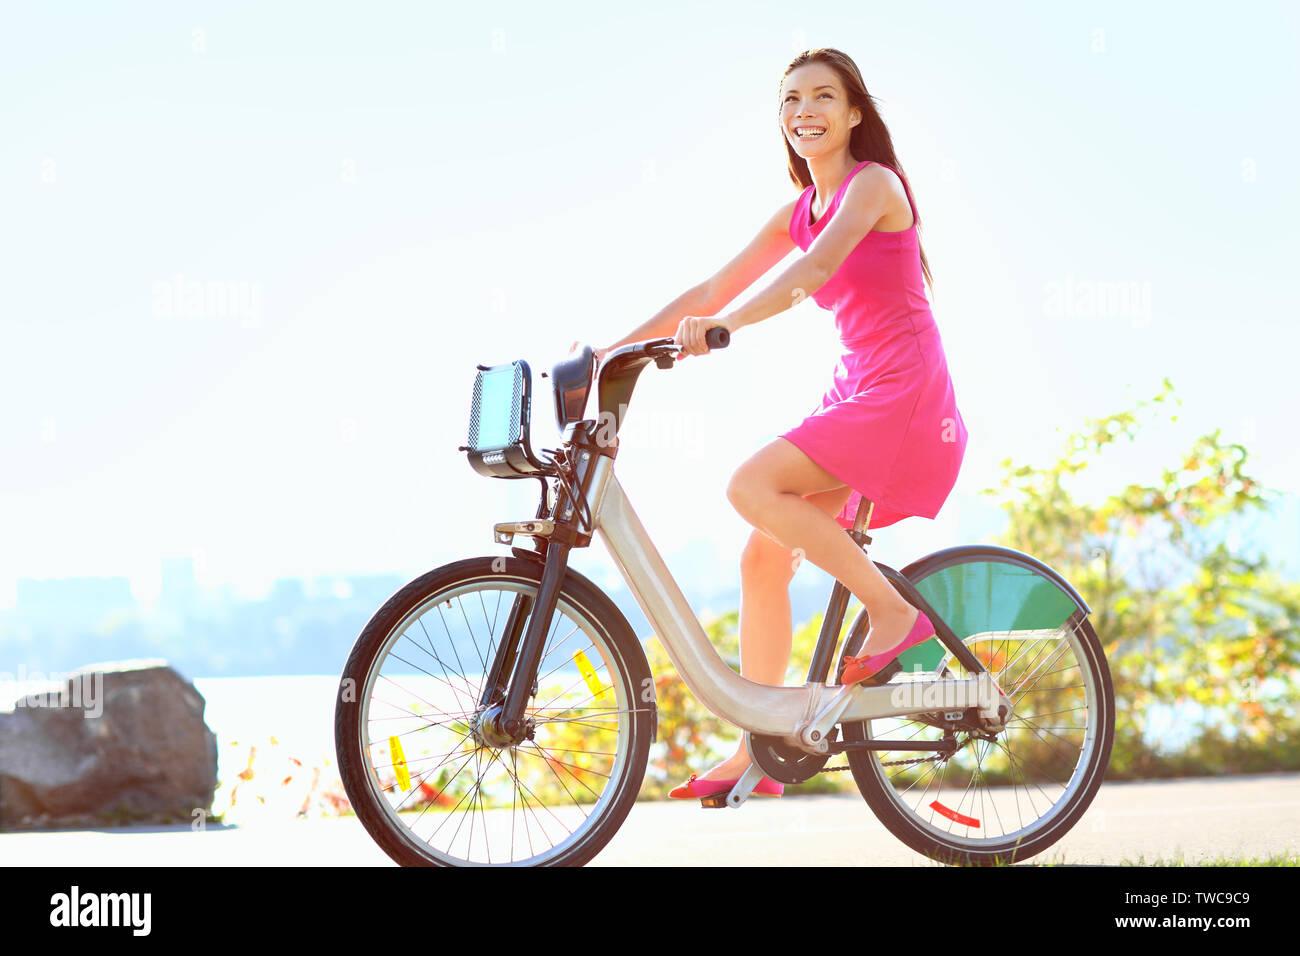 Mädchen Fahrrad fahren in der Stadt auf dem Fahrrad. Glückliche Frau auf Fahrrad Radfahren im Freien im Sommer ein Lächeln der Freude bei Aktivitäten im Freien. Gemischten rennen Kaukasischen asiatische Frau Modell. Stockfoto